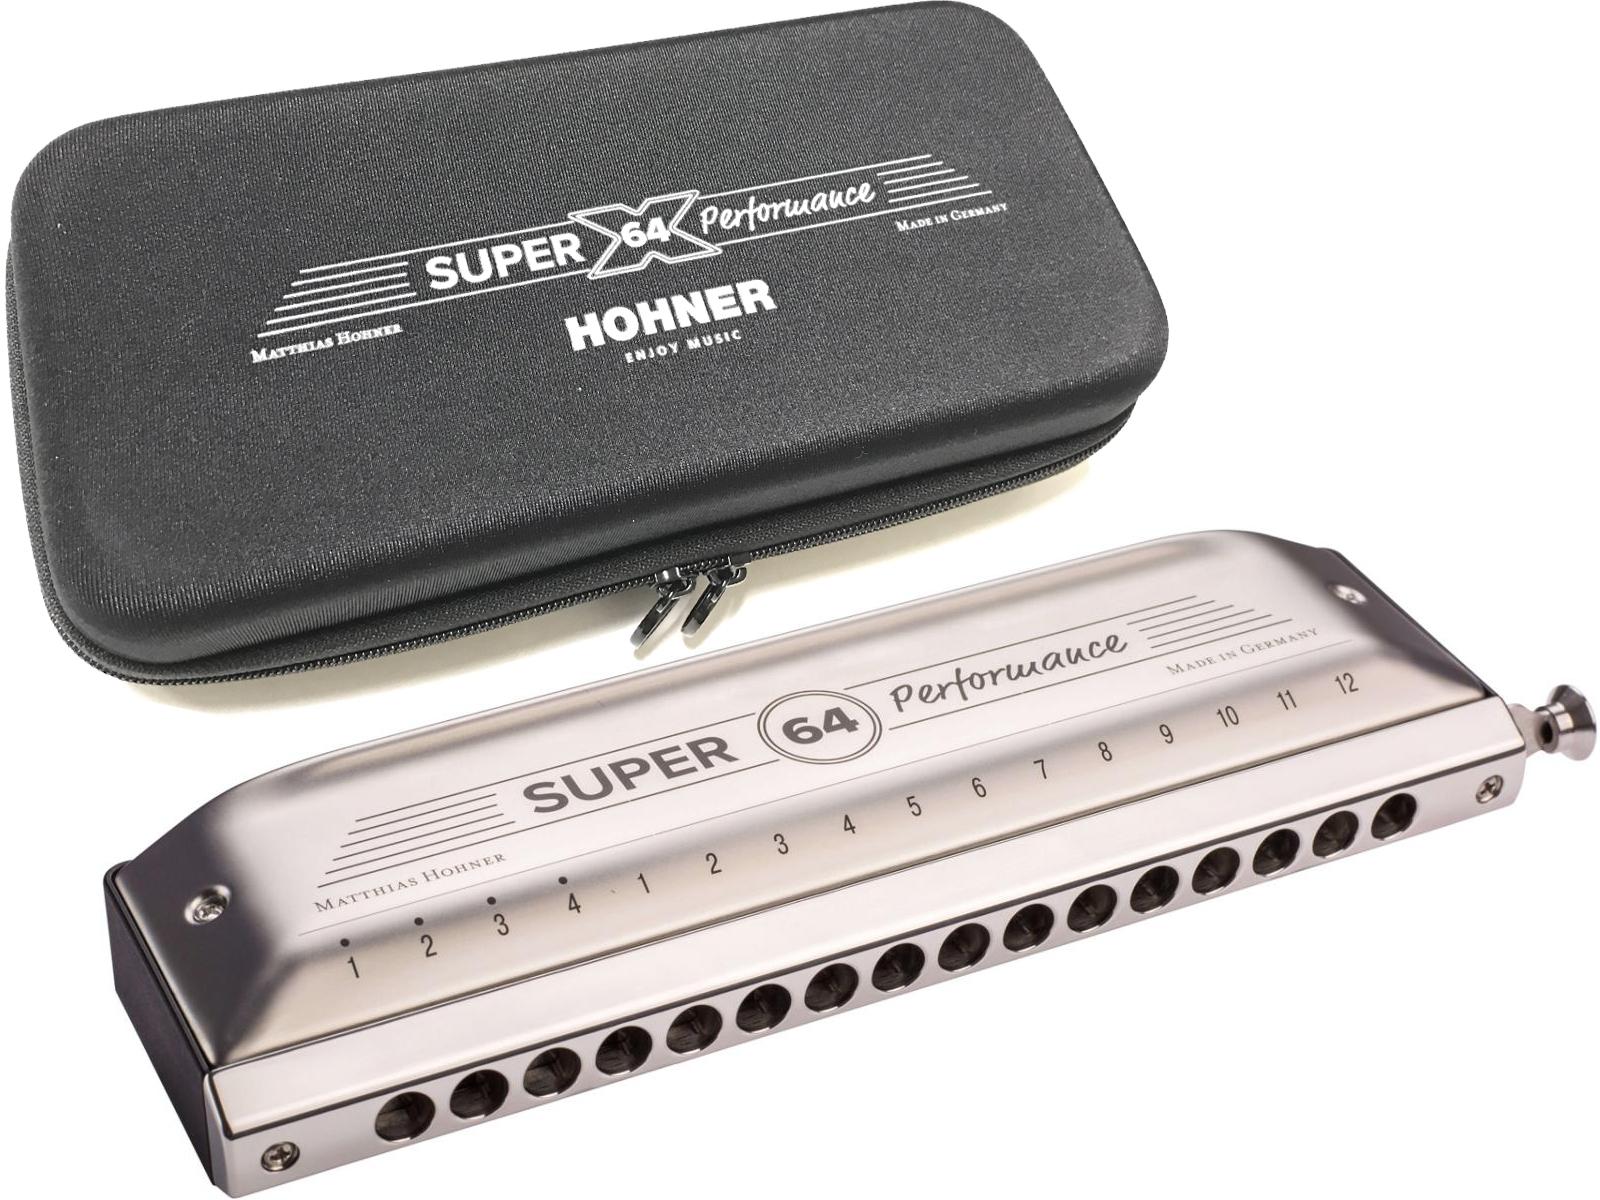 HOHNER ( ホーナー ) WEB特価 NEW SUPER 64 7582/64 クロマチックハーモニカ スライド式 4オクターブ 16穴 樹脂ボディ Super-64 ハーモニカ 送料無料